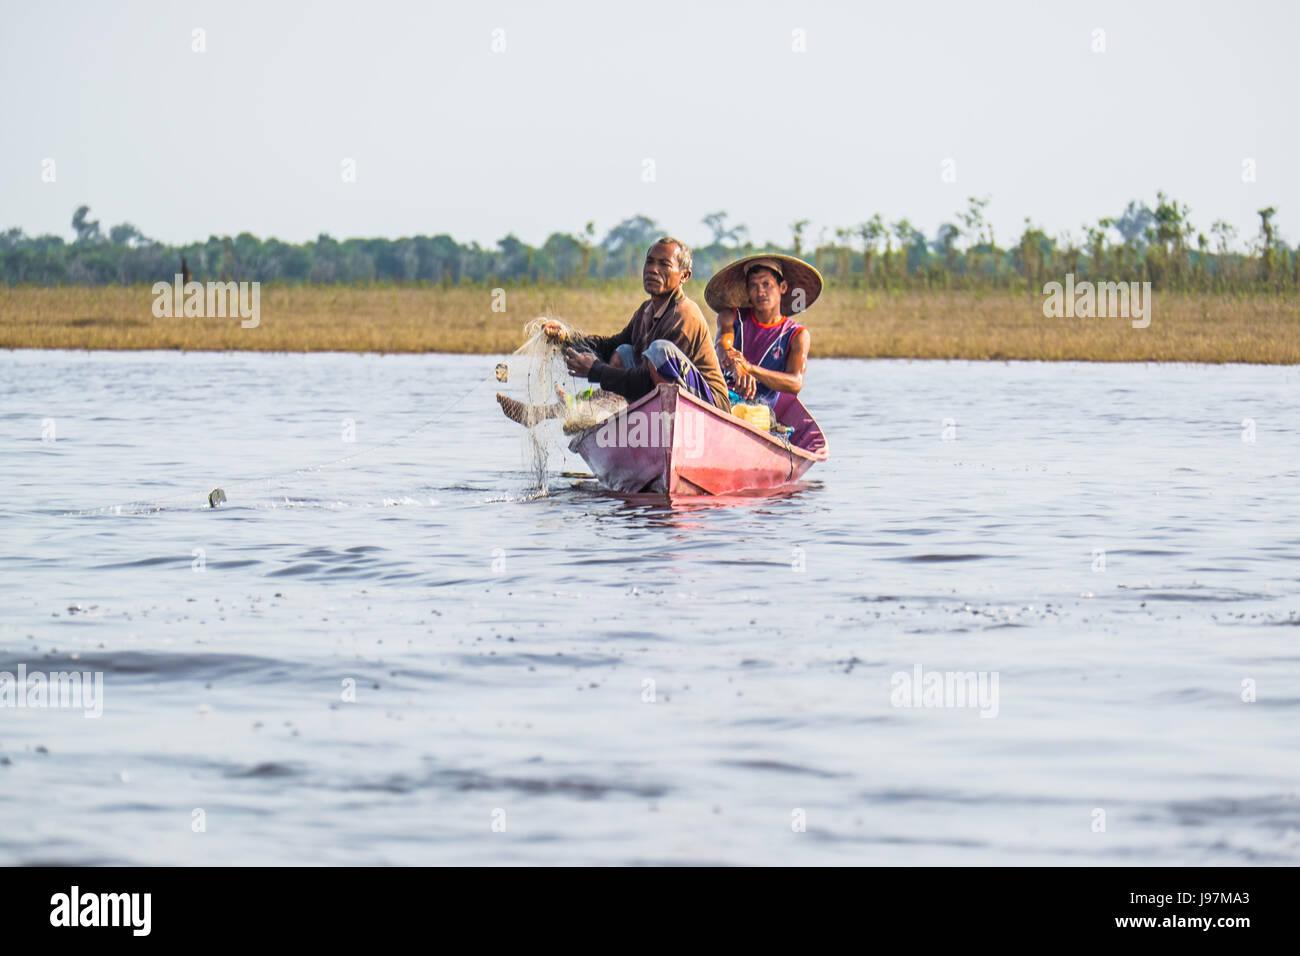 Fishermen fishing in Lake Sentarum, West Kalimantan Borneo. - Stock Image